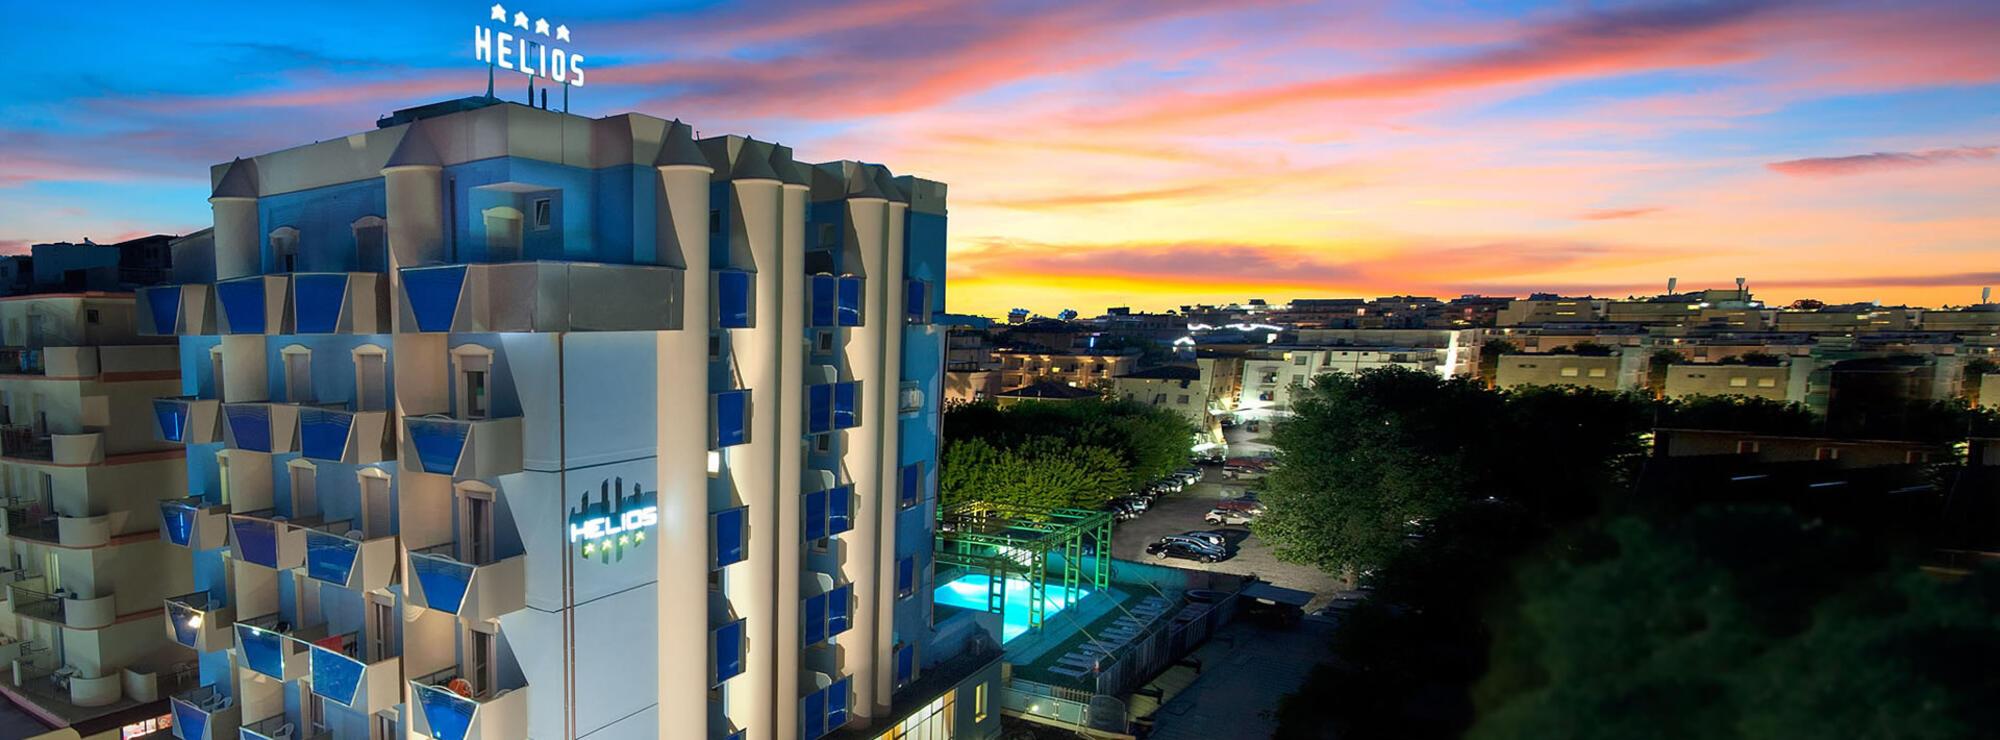 Hotel 4 stelle rimini helios albergo con piscina sul mare di rivazzurra di rimini - Hotel sul mare con piscina ...